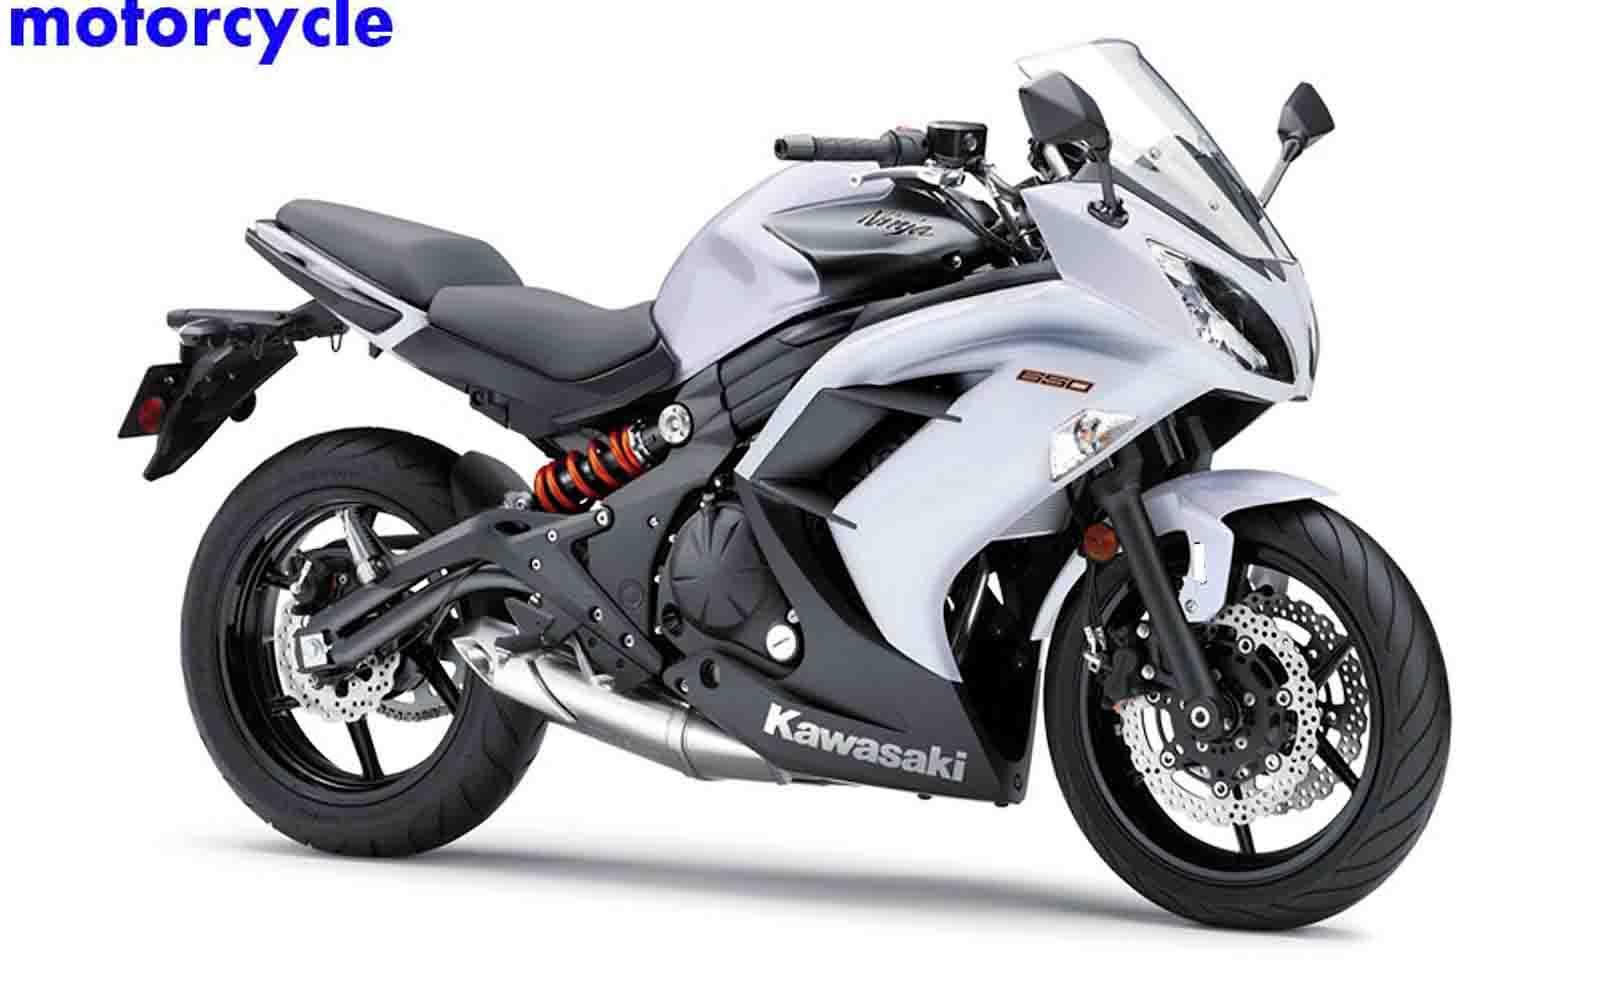 kawasaki er 6 motorcycle. Black Bedroom Furniture Sets. Home Design Ideas